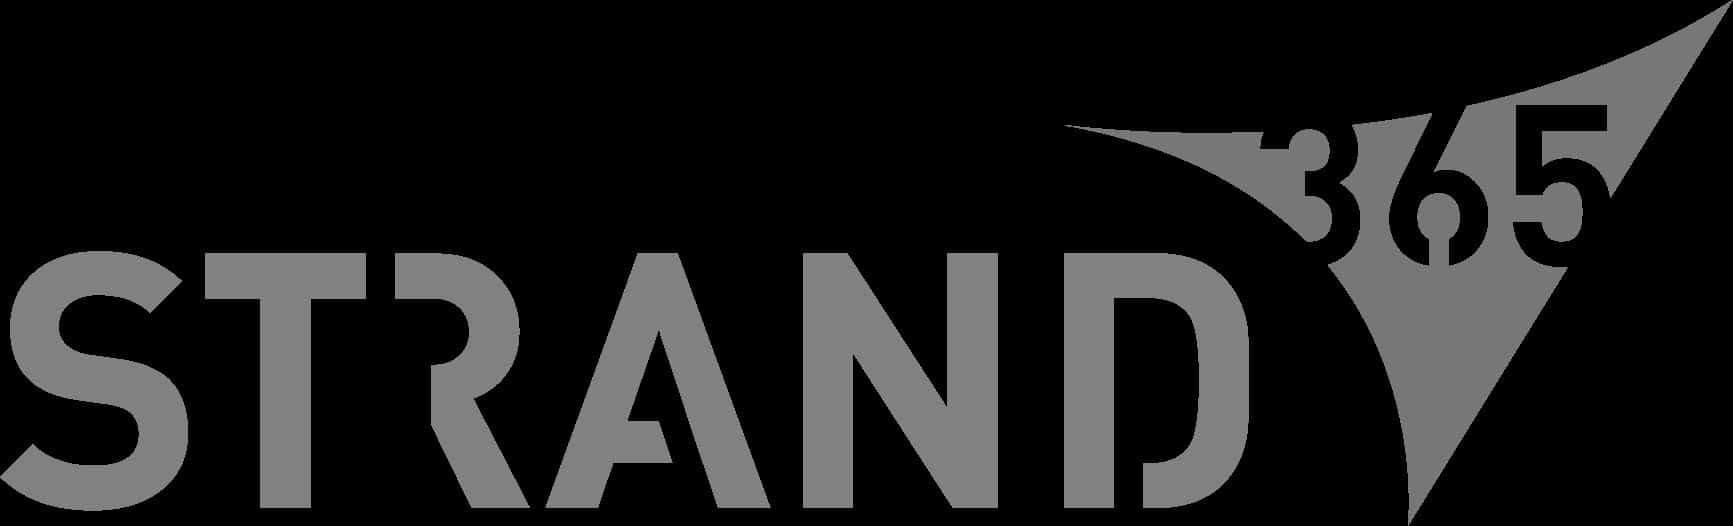 STRAND365_logo_rgb zwart-wit